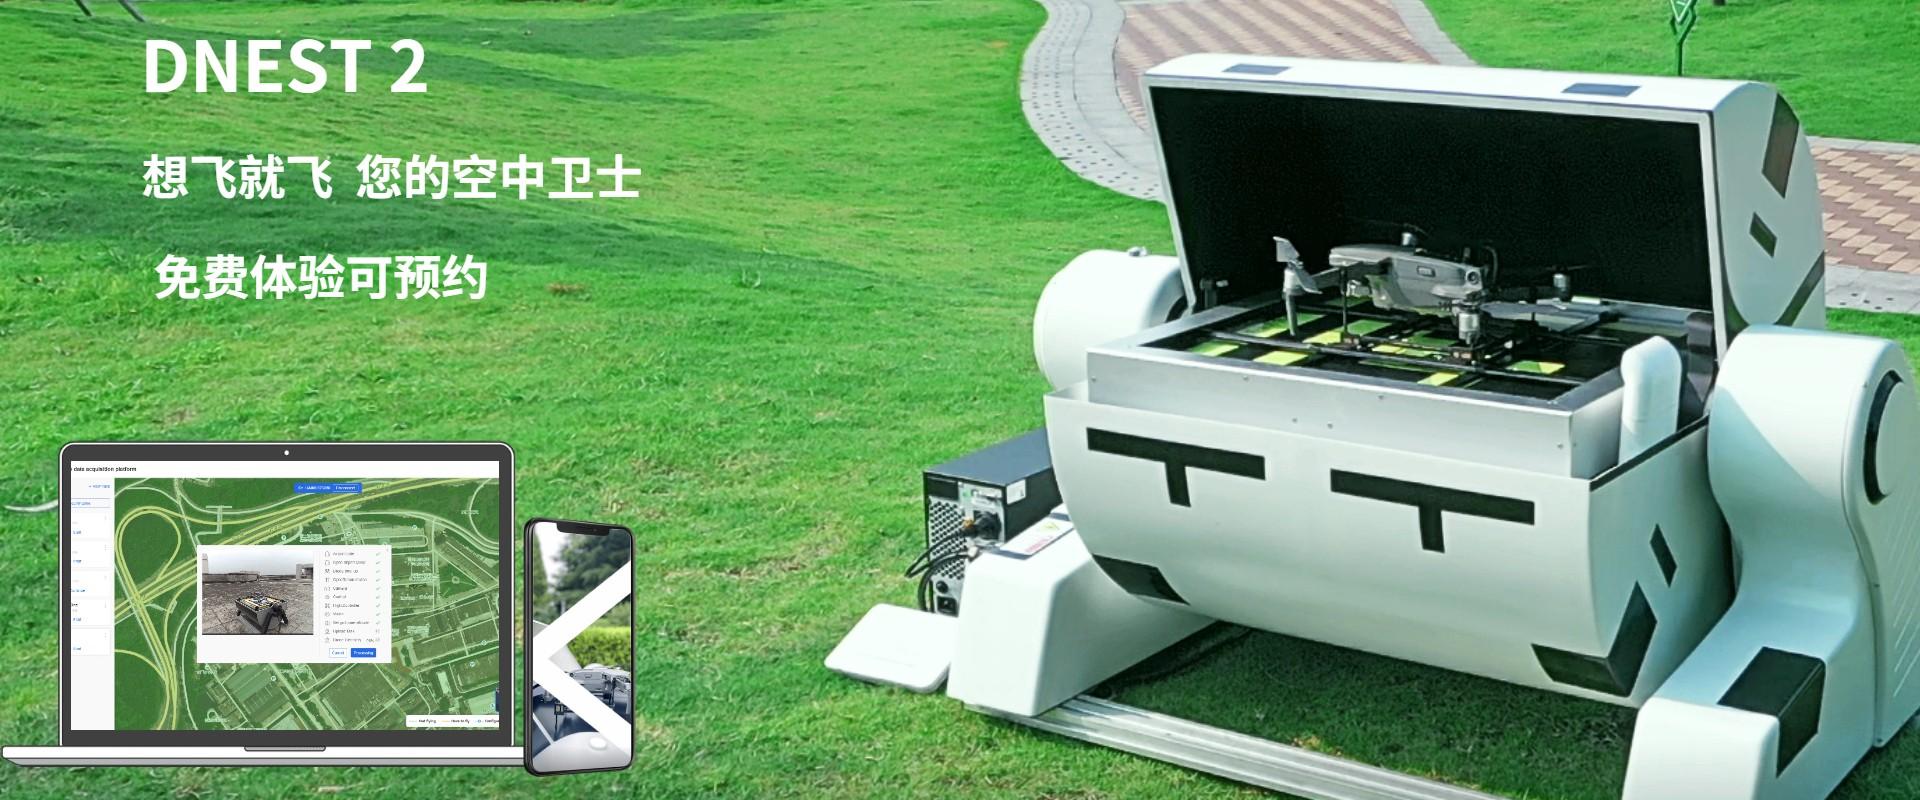 黑砂科技DNEST 2无人机机巢,更简单,更智能,想飞就飞